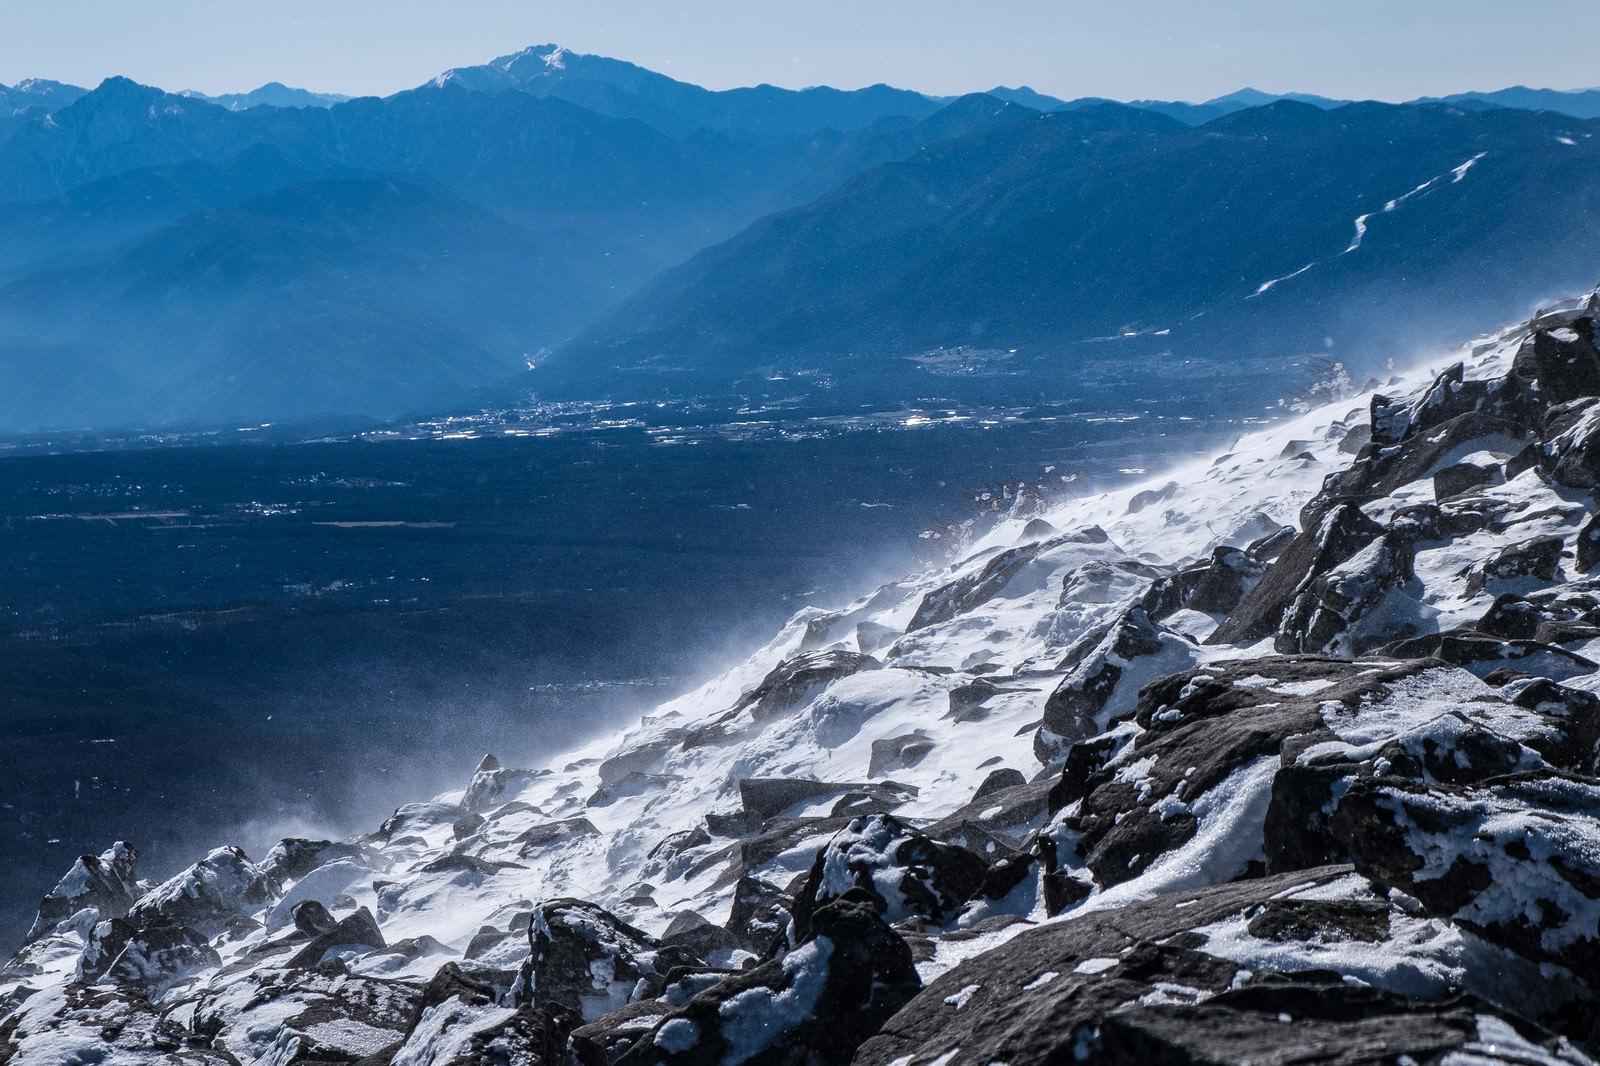 「身が凍える寒さと強風で舞い上がる雪の白煙」の写真